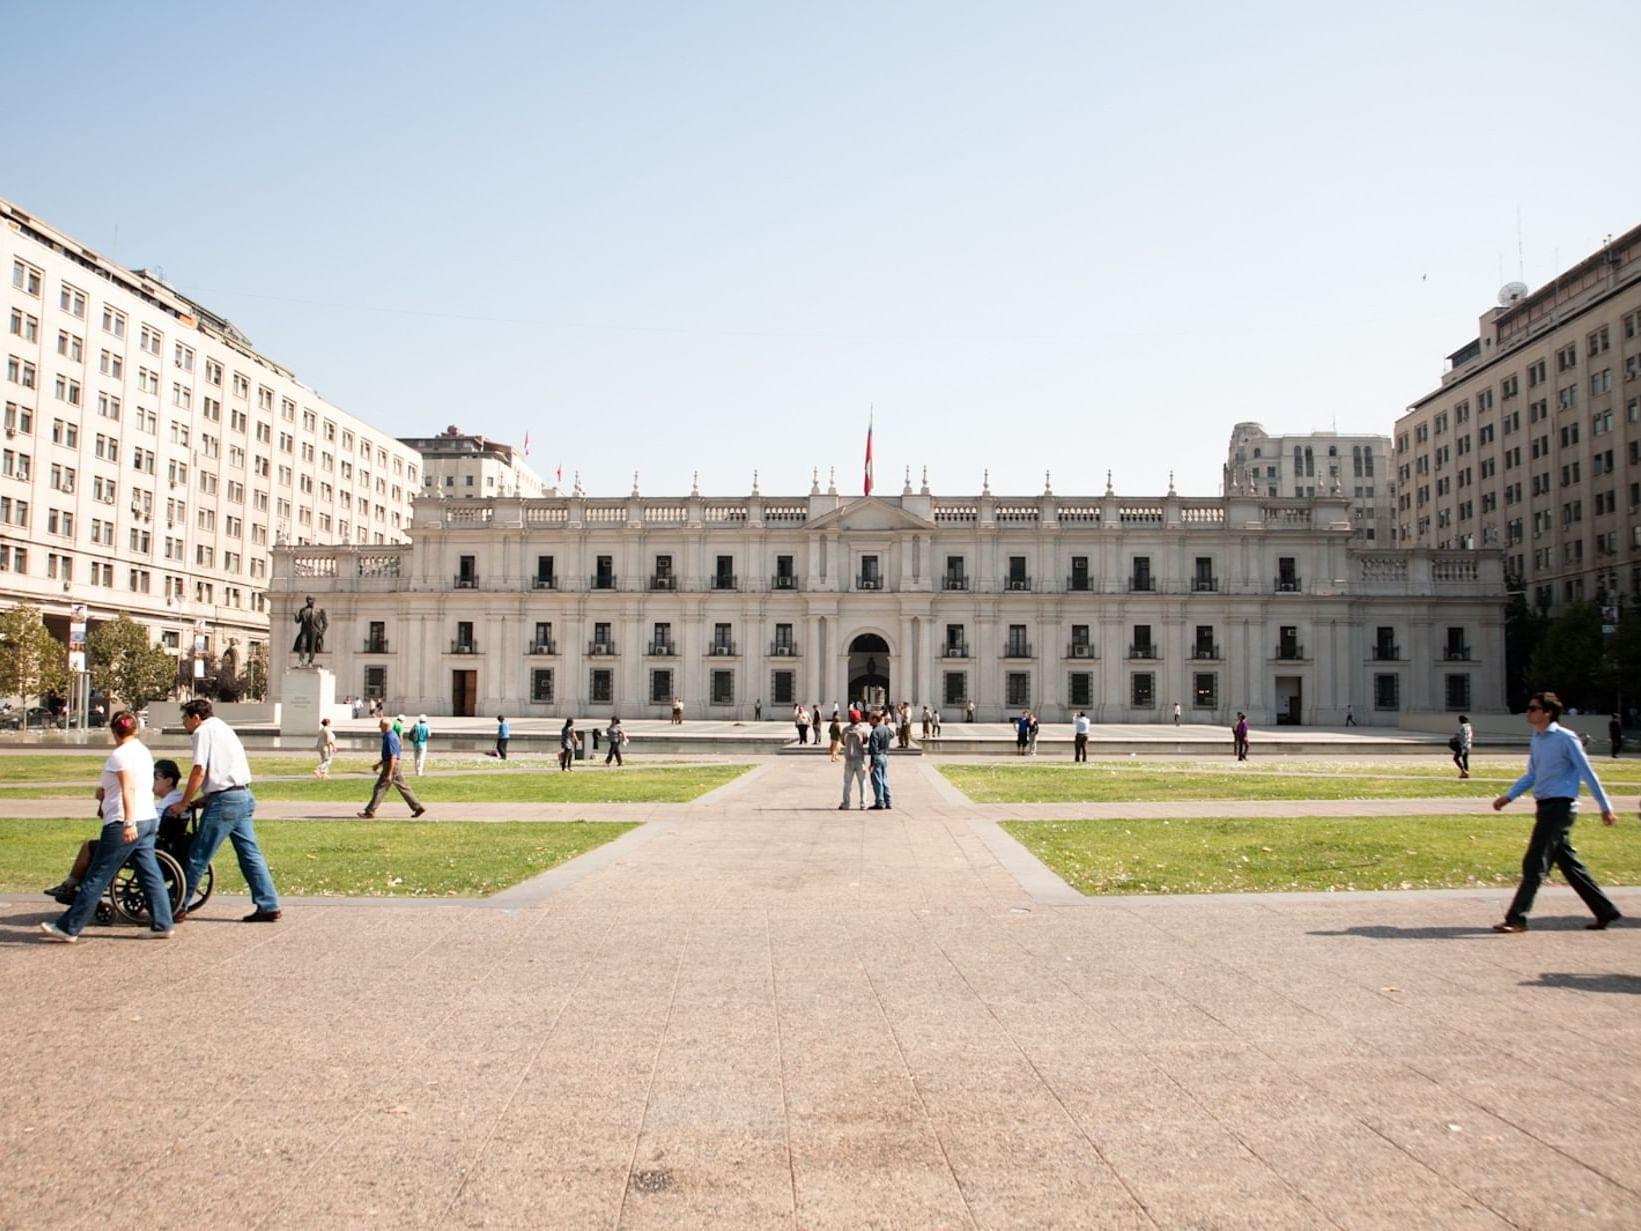 La Moneda Goverment Building